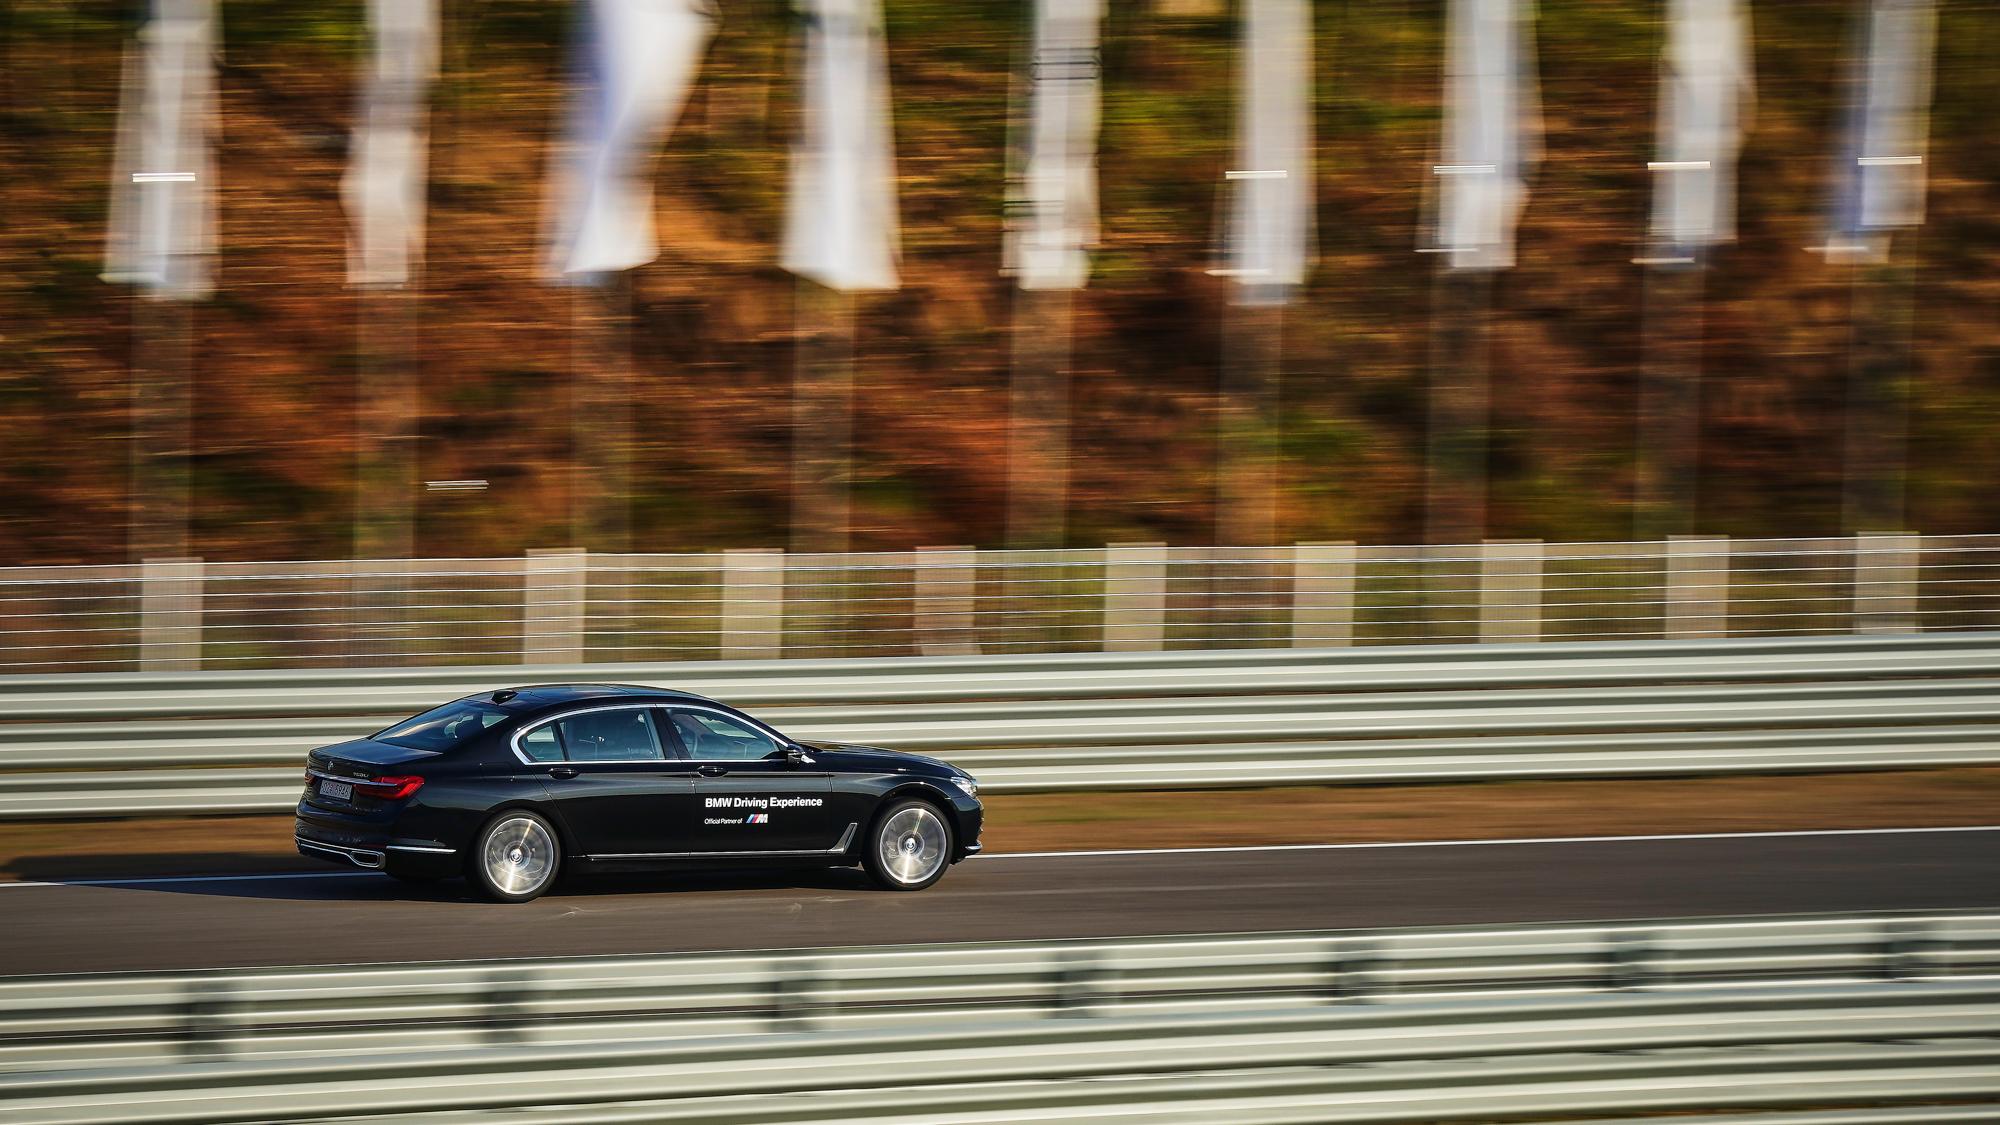 2018. BMW 750LI (Drivng Center)